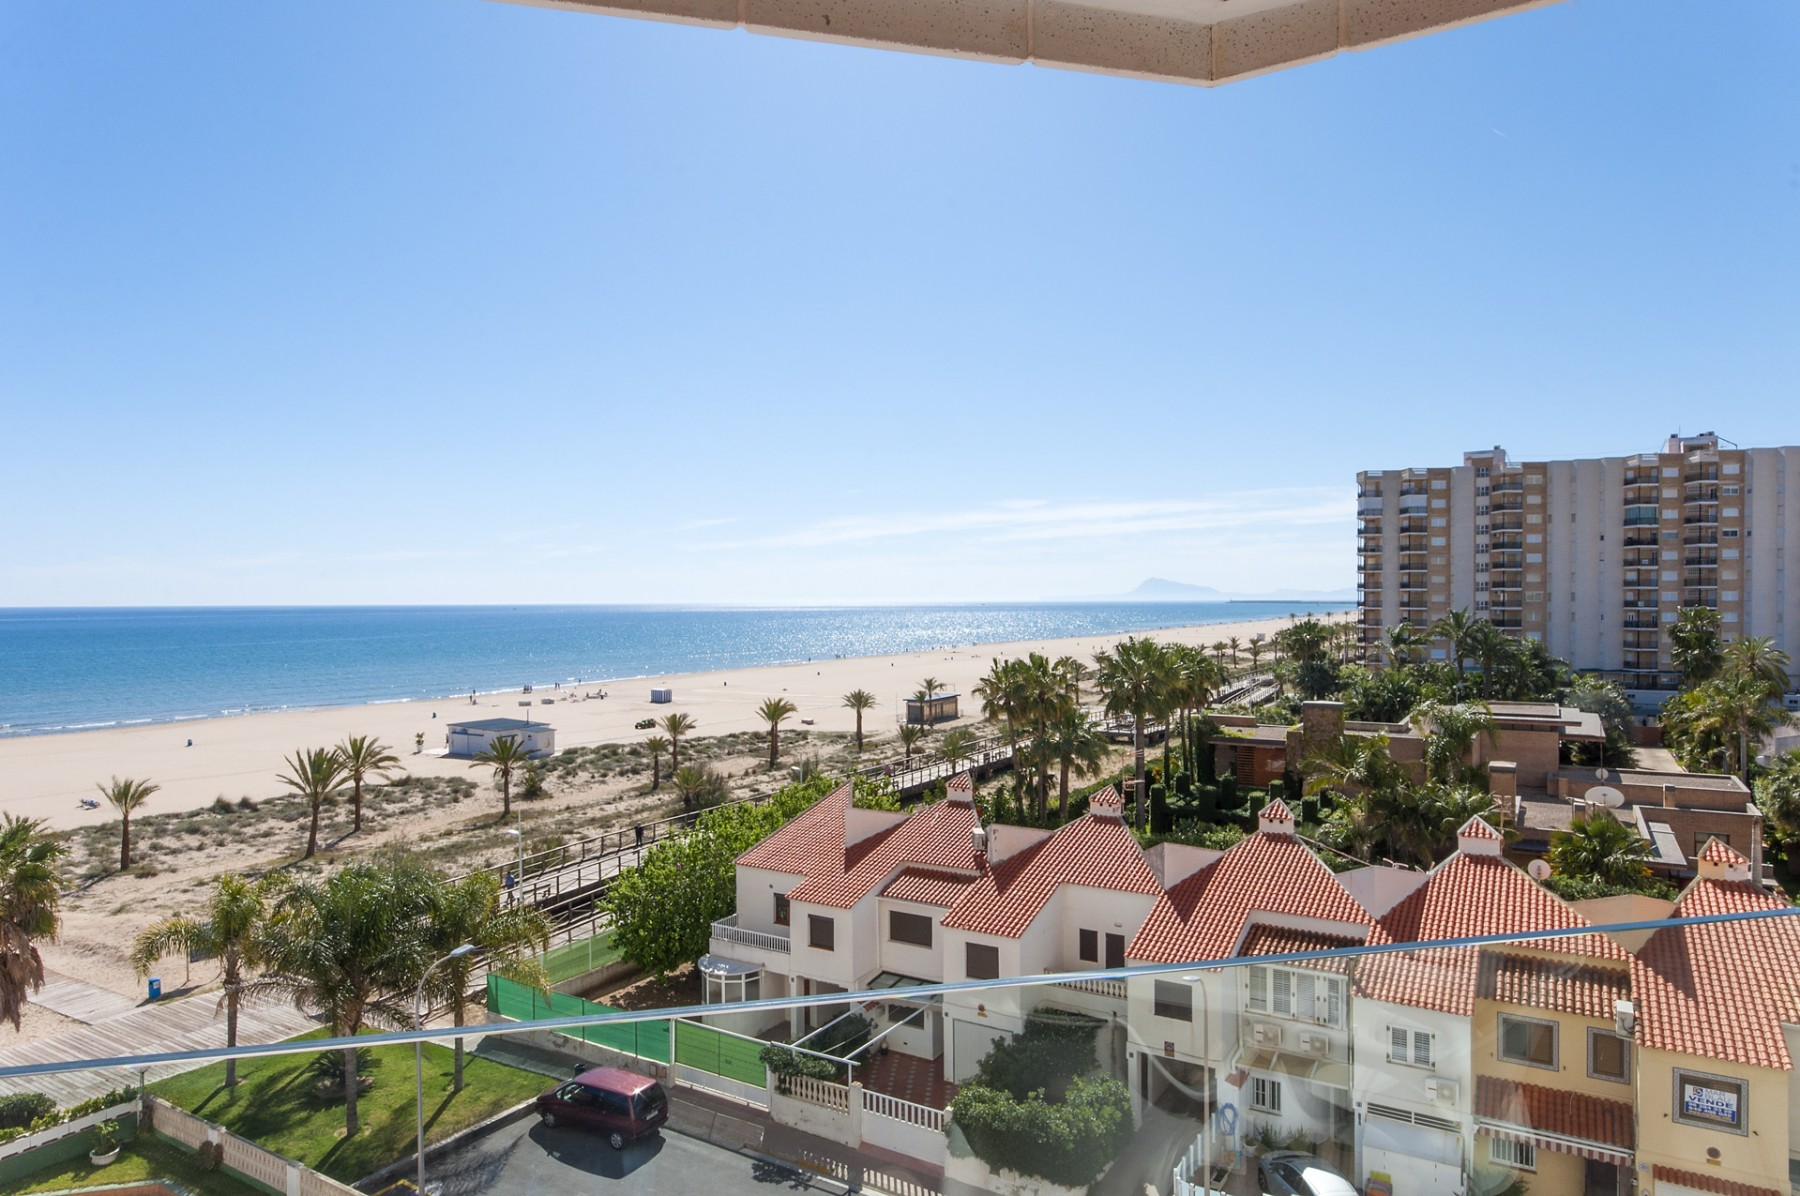 Apartamentos en playa de gand a 15 ag bahamas 5 premium - Apartamentos en gandia playa ...